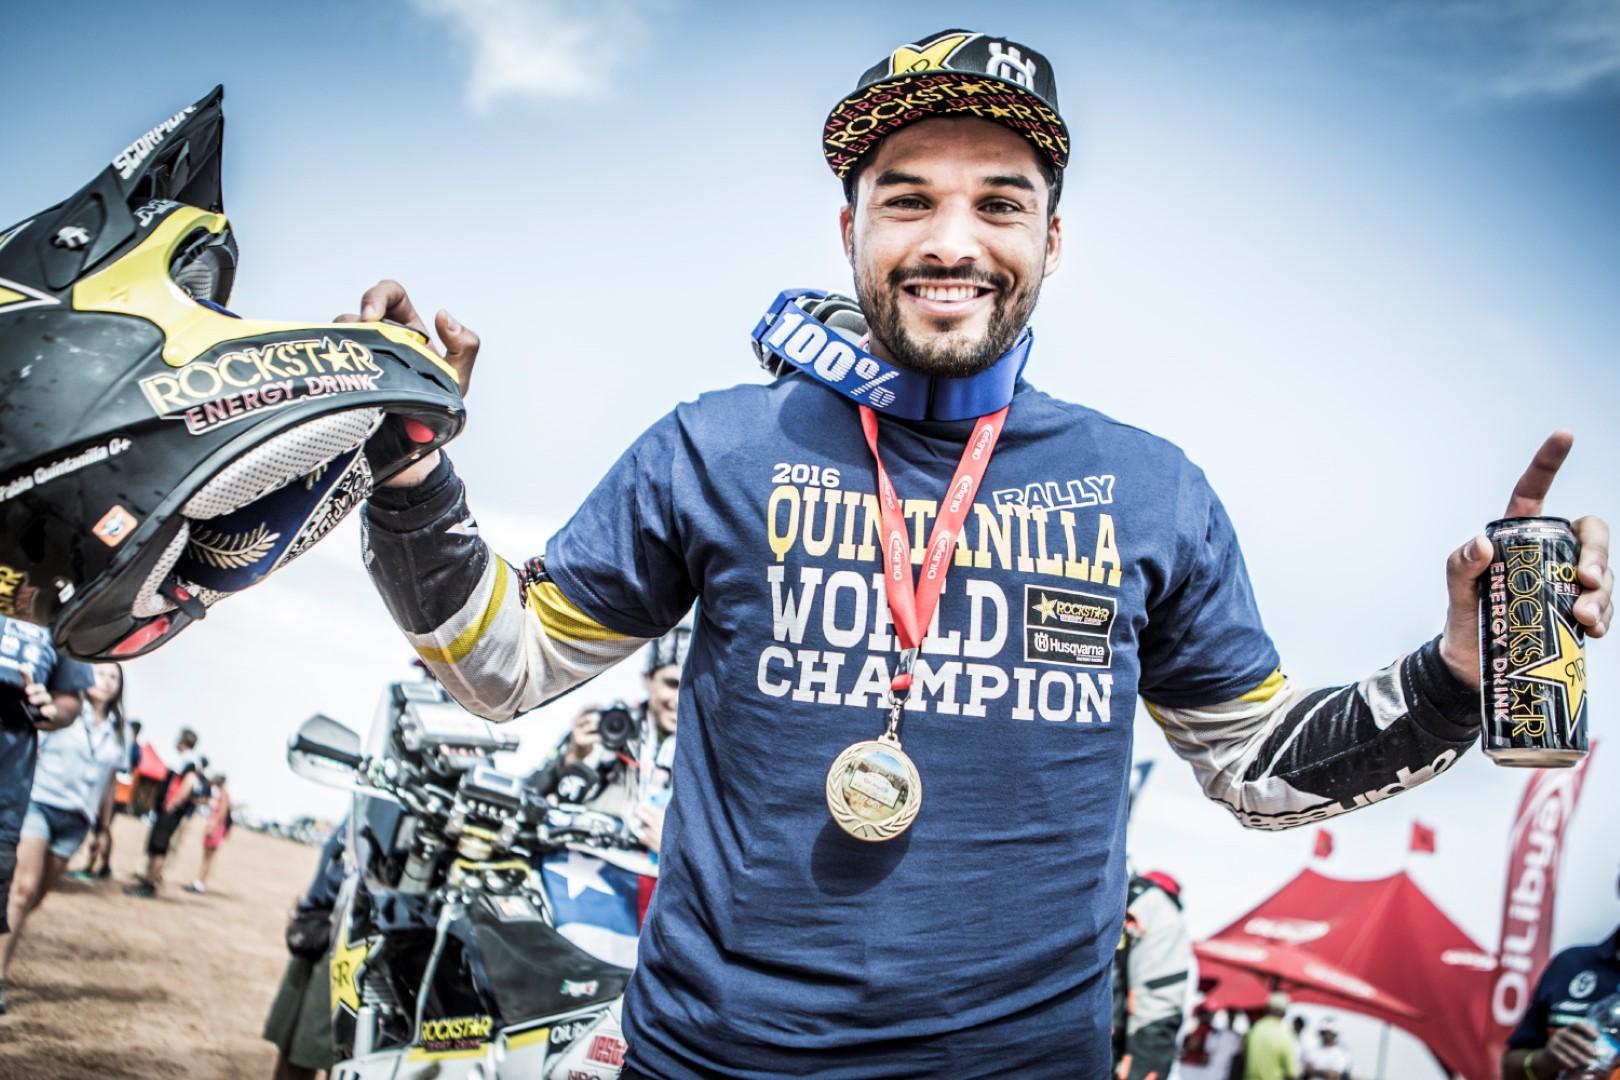 Pablo Quintanilla, Campeón del Mundo de Rally T.T.